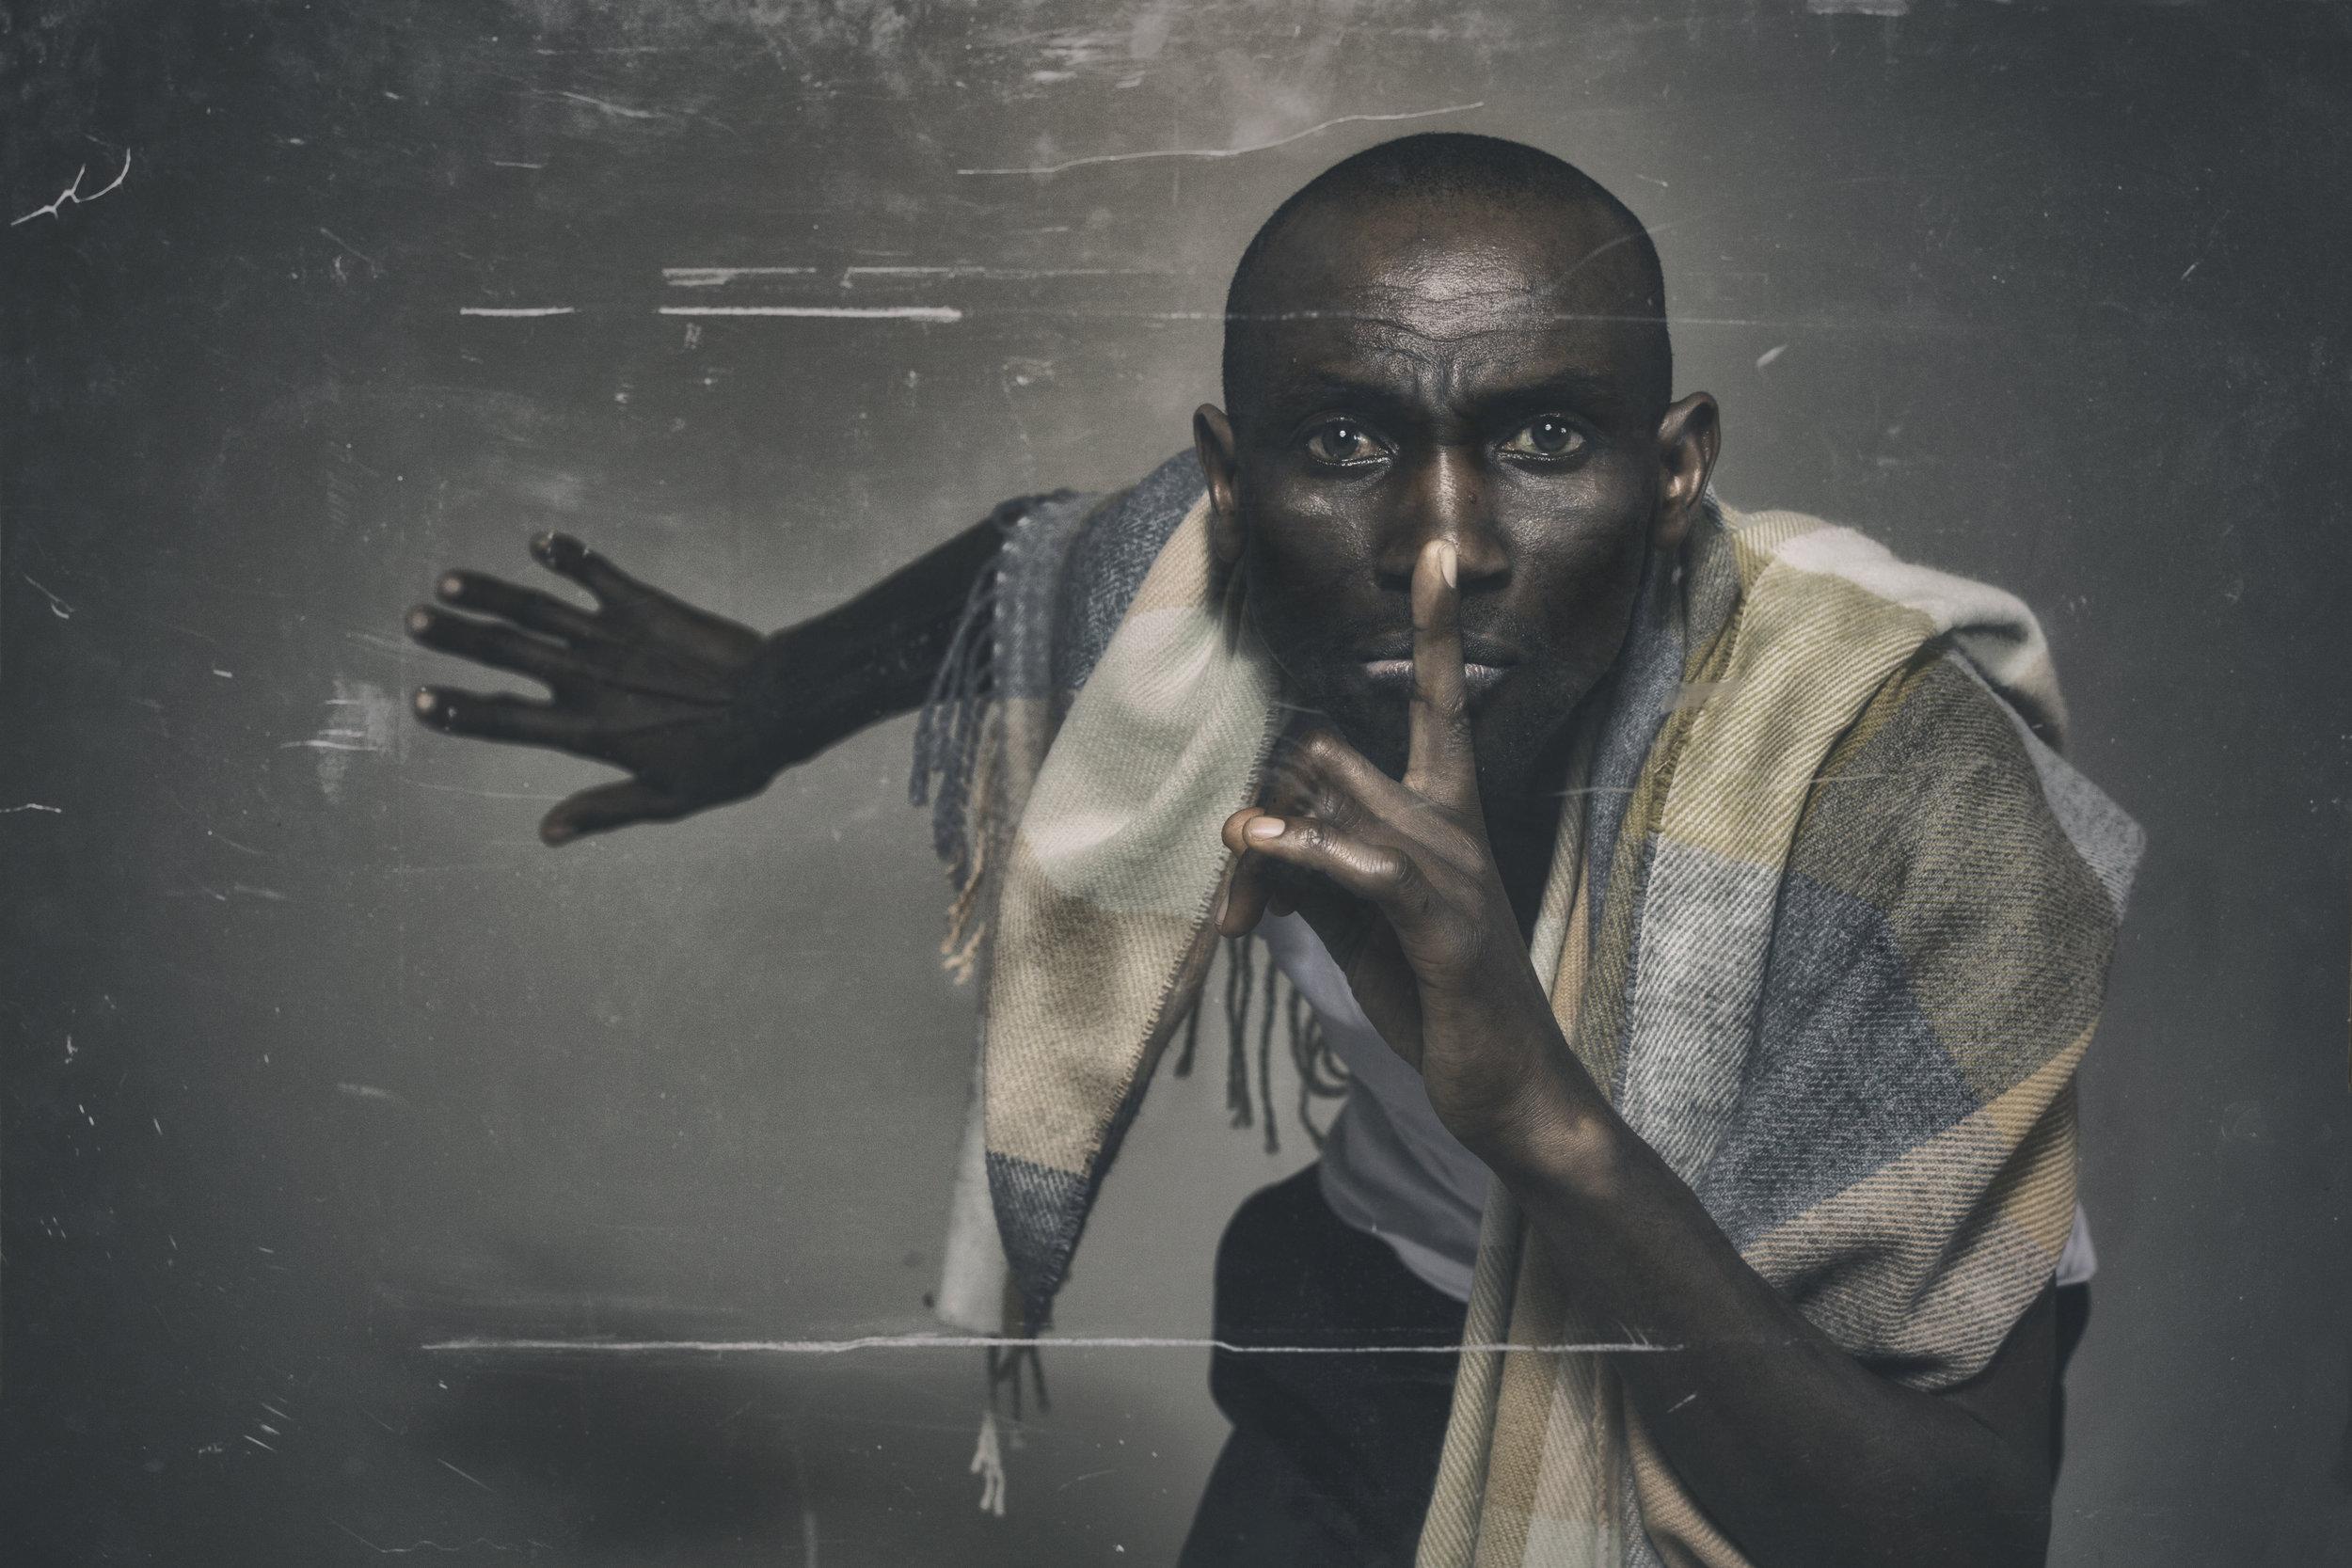 Is this political? (Rwanda)